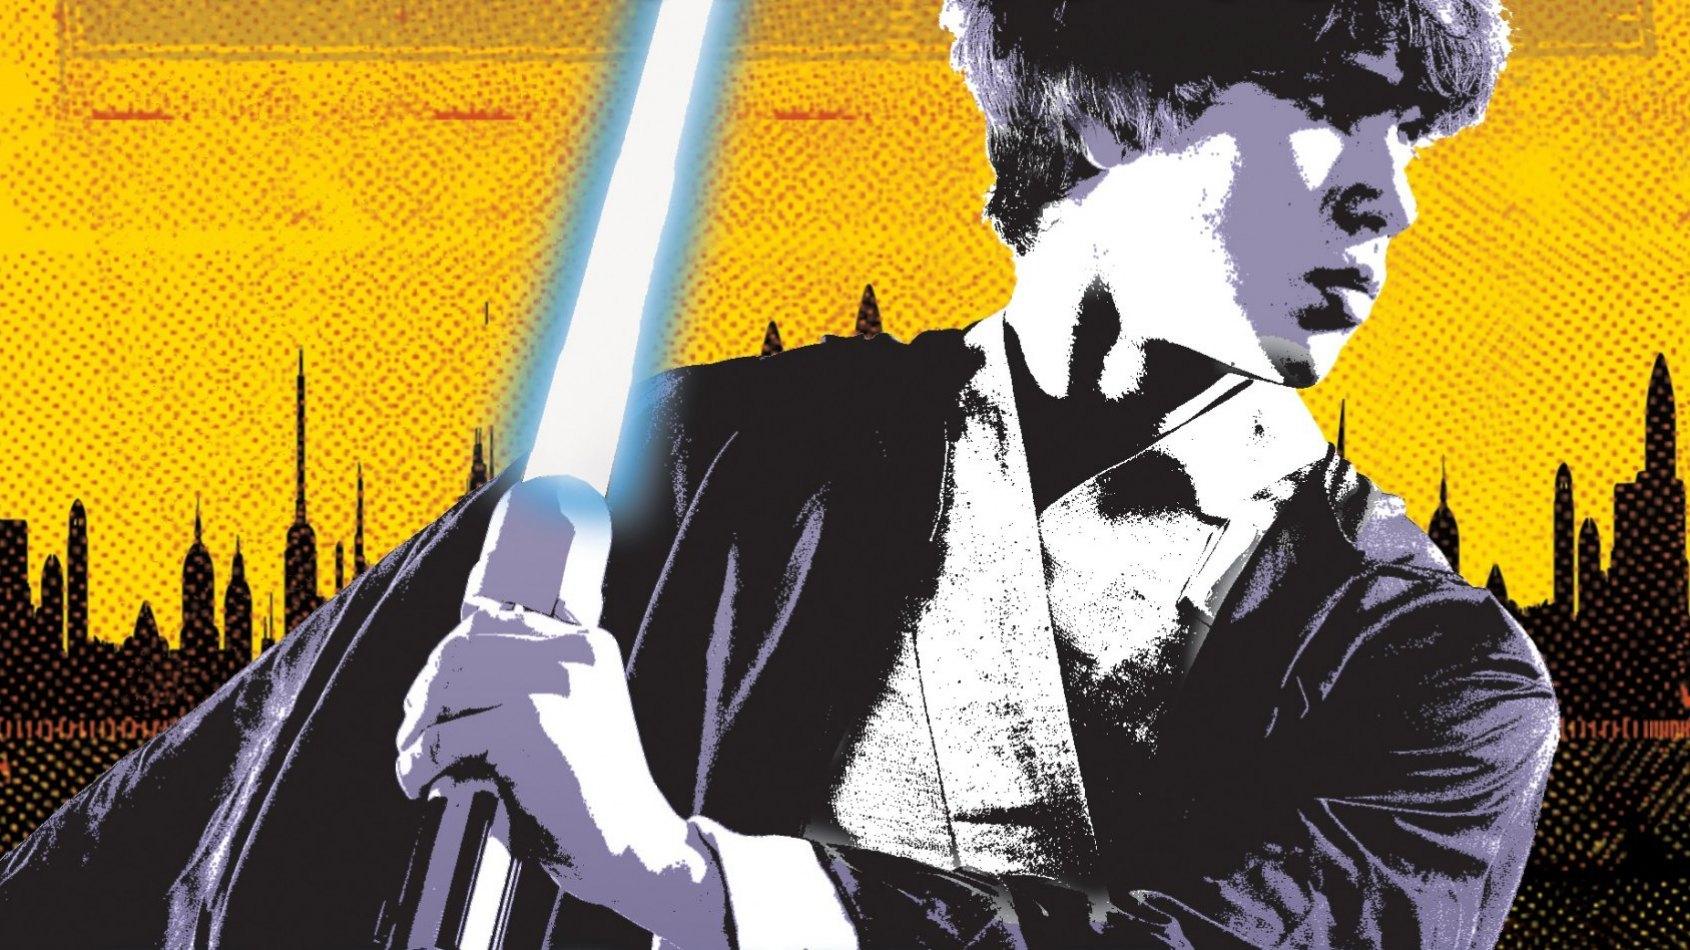 Shadows of the Sith : Les détails du jeu vidéo abandonné en 2004